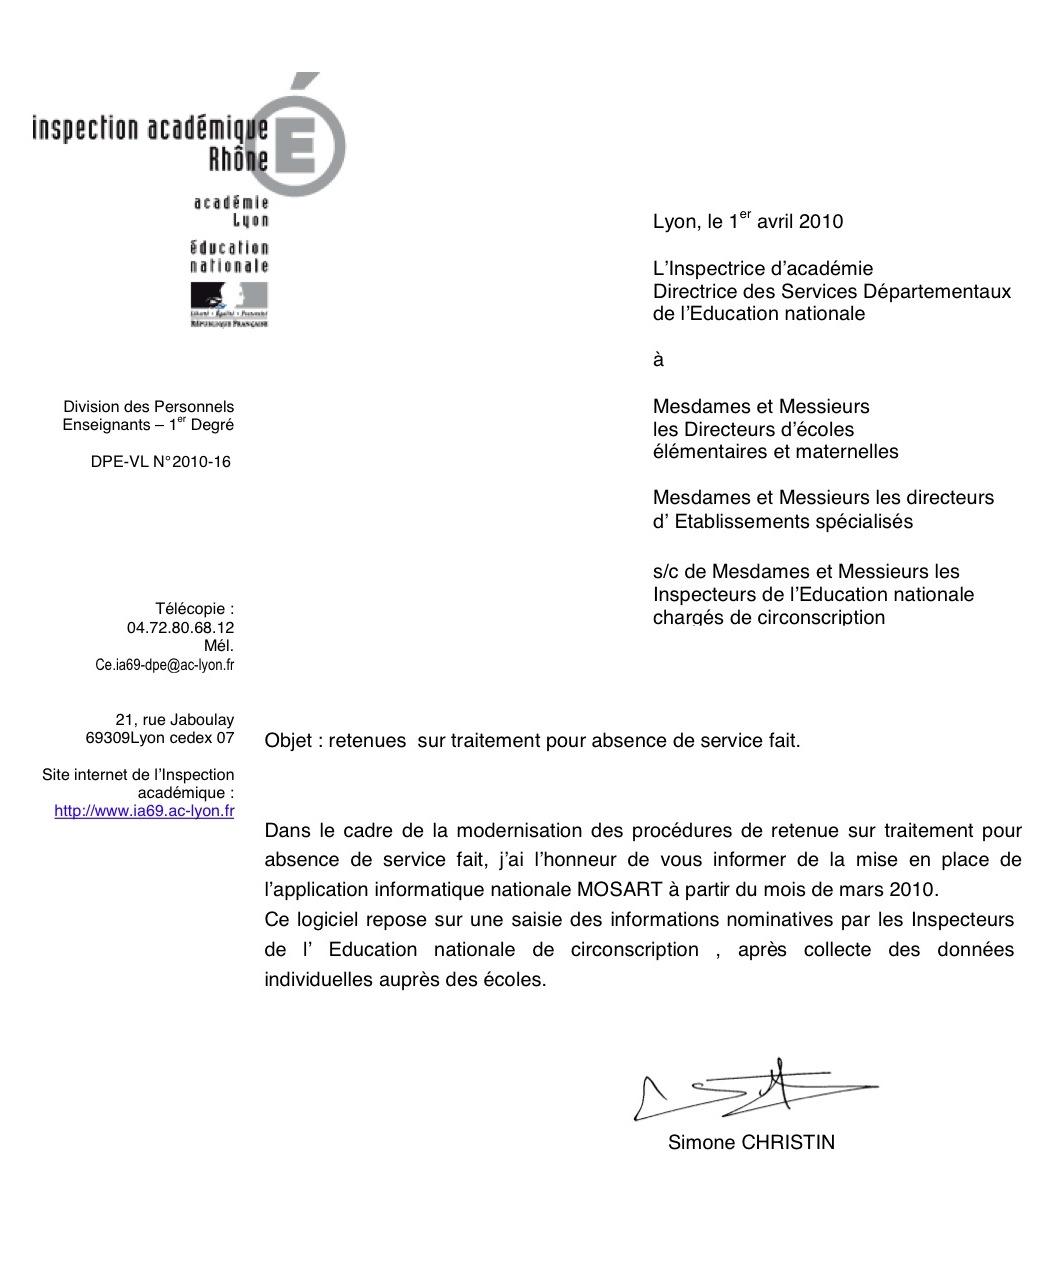 image lettre administrative note de service lettre de presentation